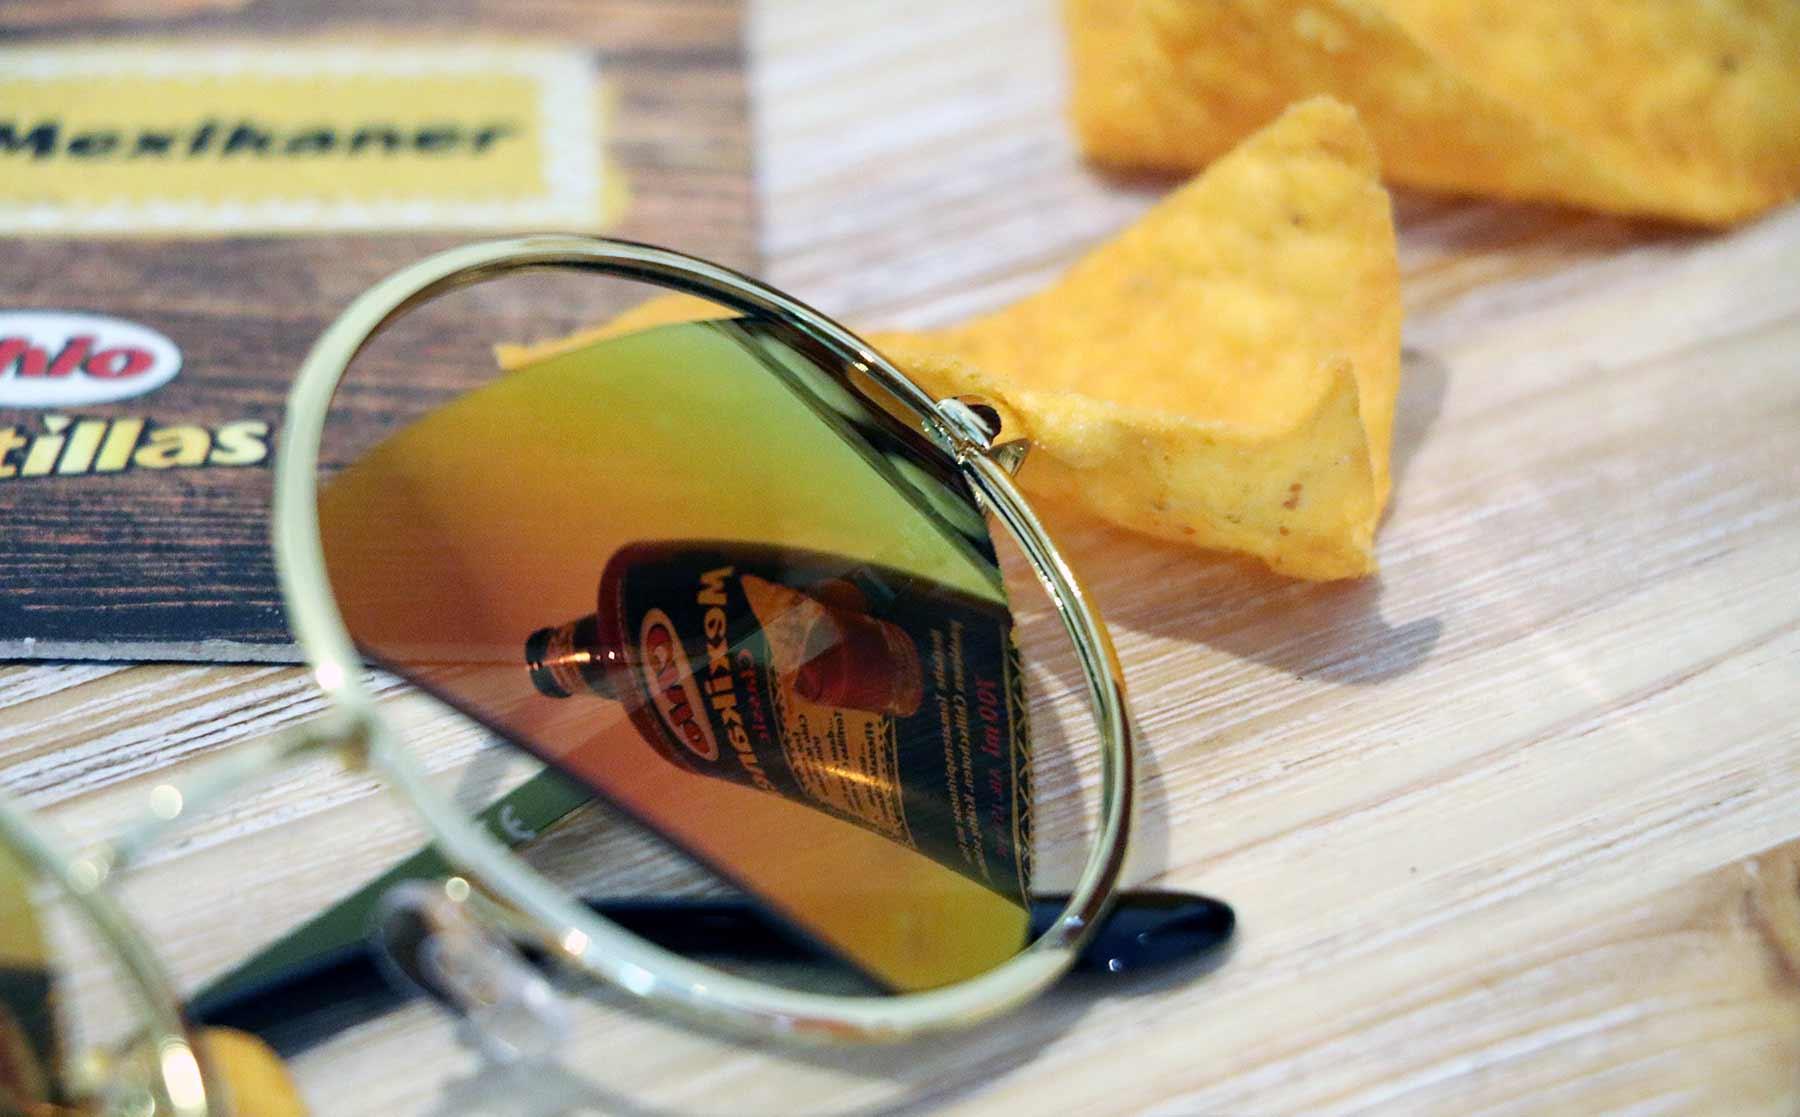 10 exklusive #FiestaMexikaner Party Packs von Chio zu gewinnen! Chio-Chips-FiestaMexikaner_04